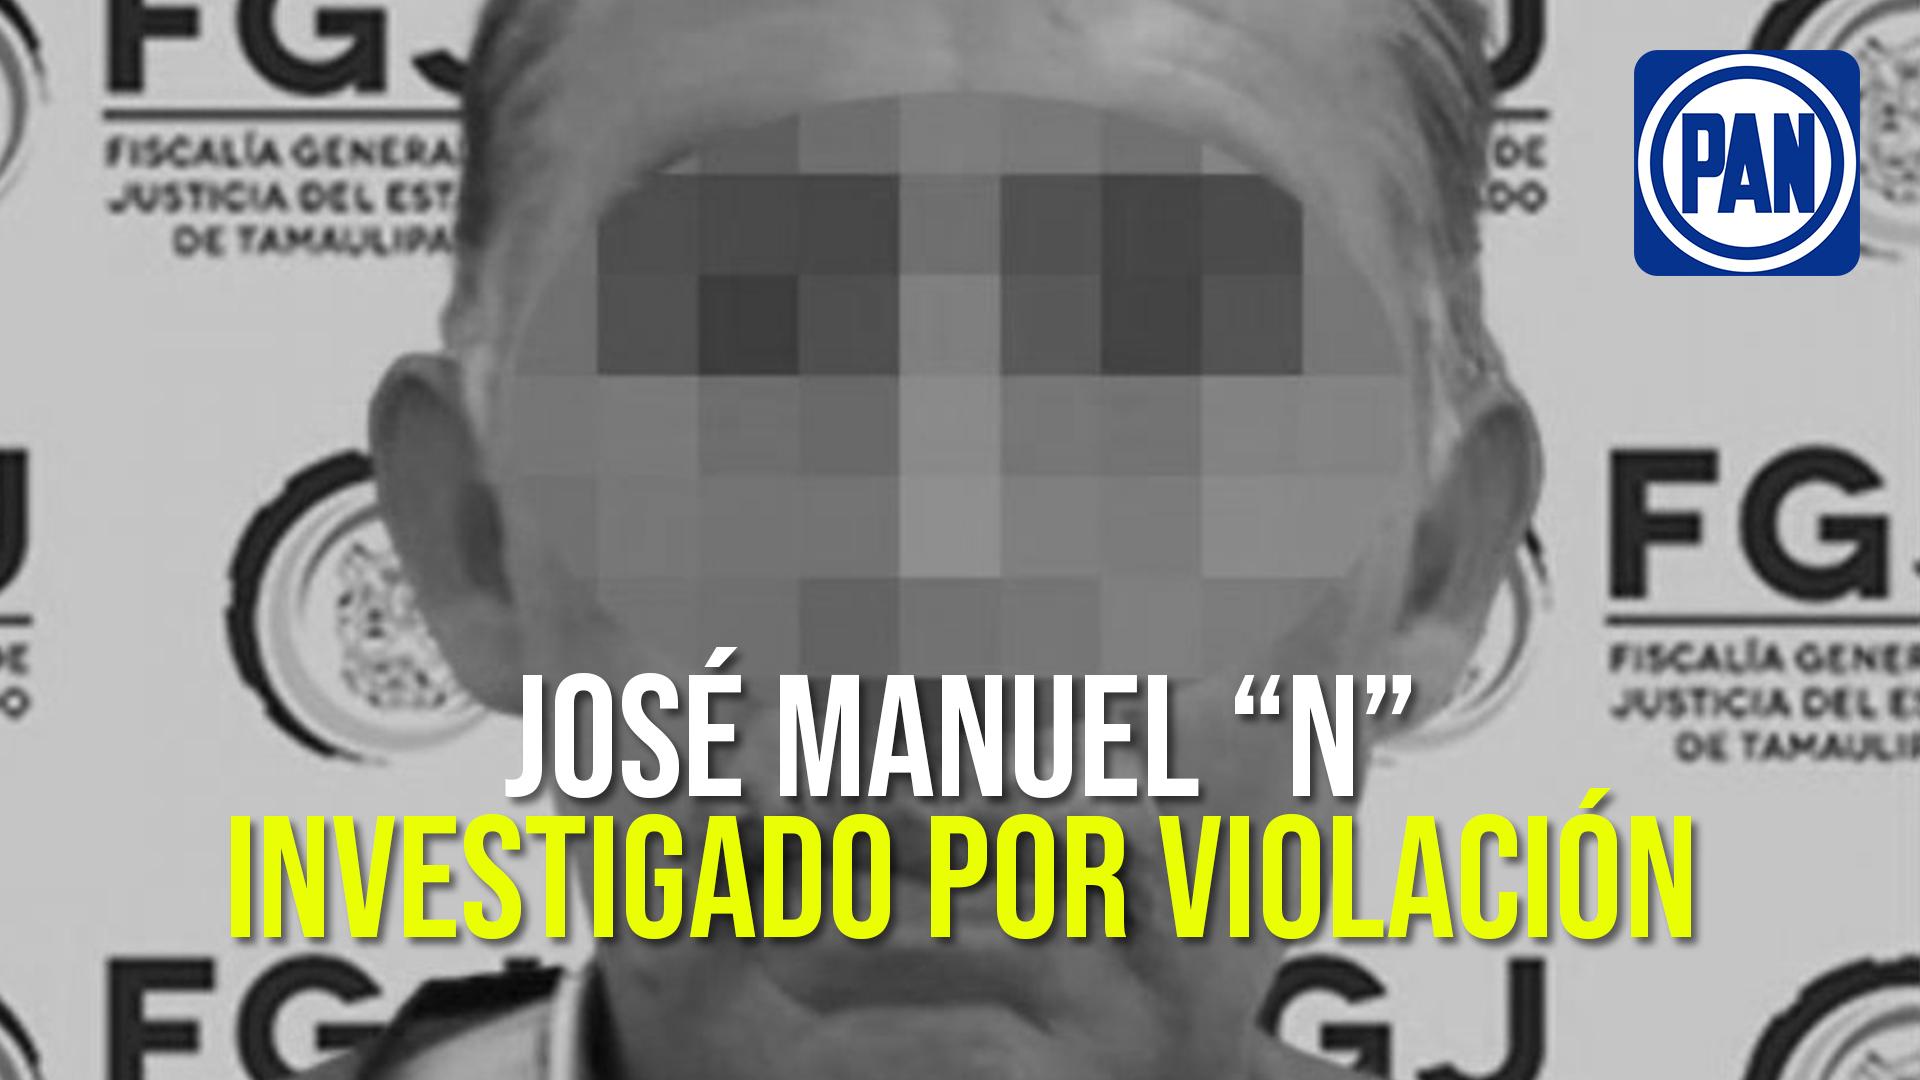 Detienen por violación a dirigente panista de municipio tamaulipeco